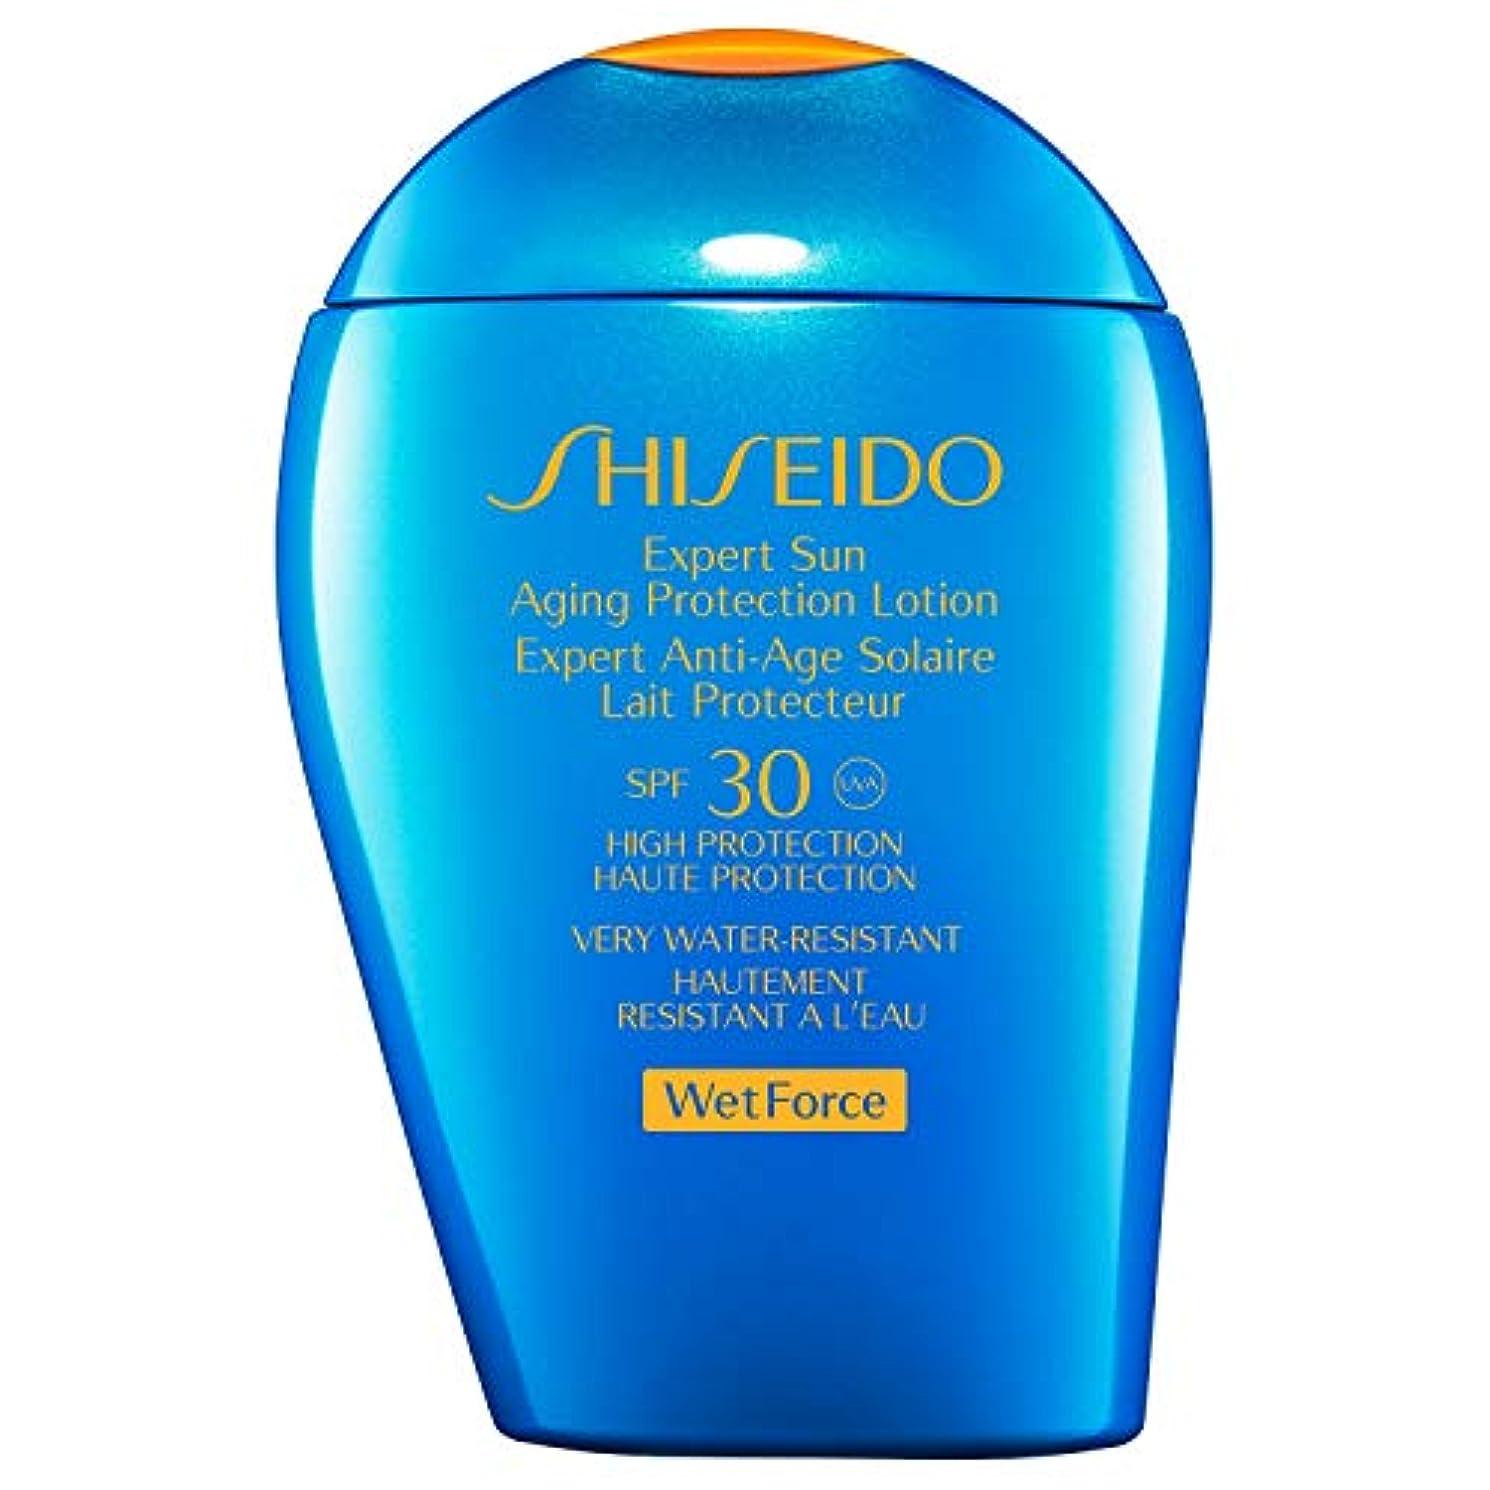 チャンバー決して粘性の[Shiseido] 保護ローションSpf 30 100ミリリットルを老化専門日Wetforce資生堂 - Shiseido Wetforce Expert Sun Aging Protection Lotion Spf...